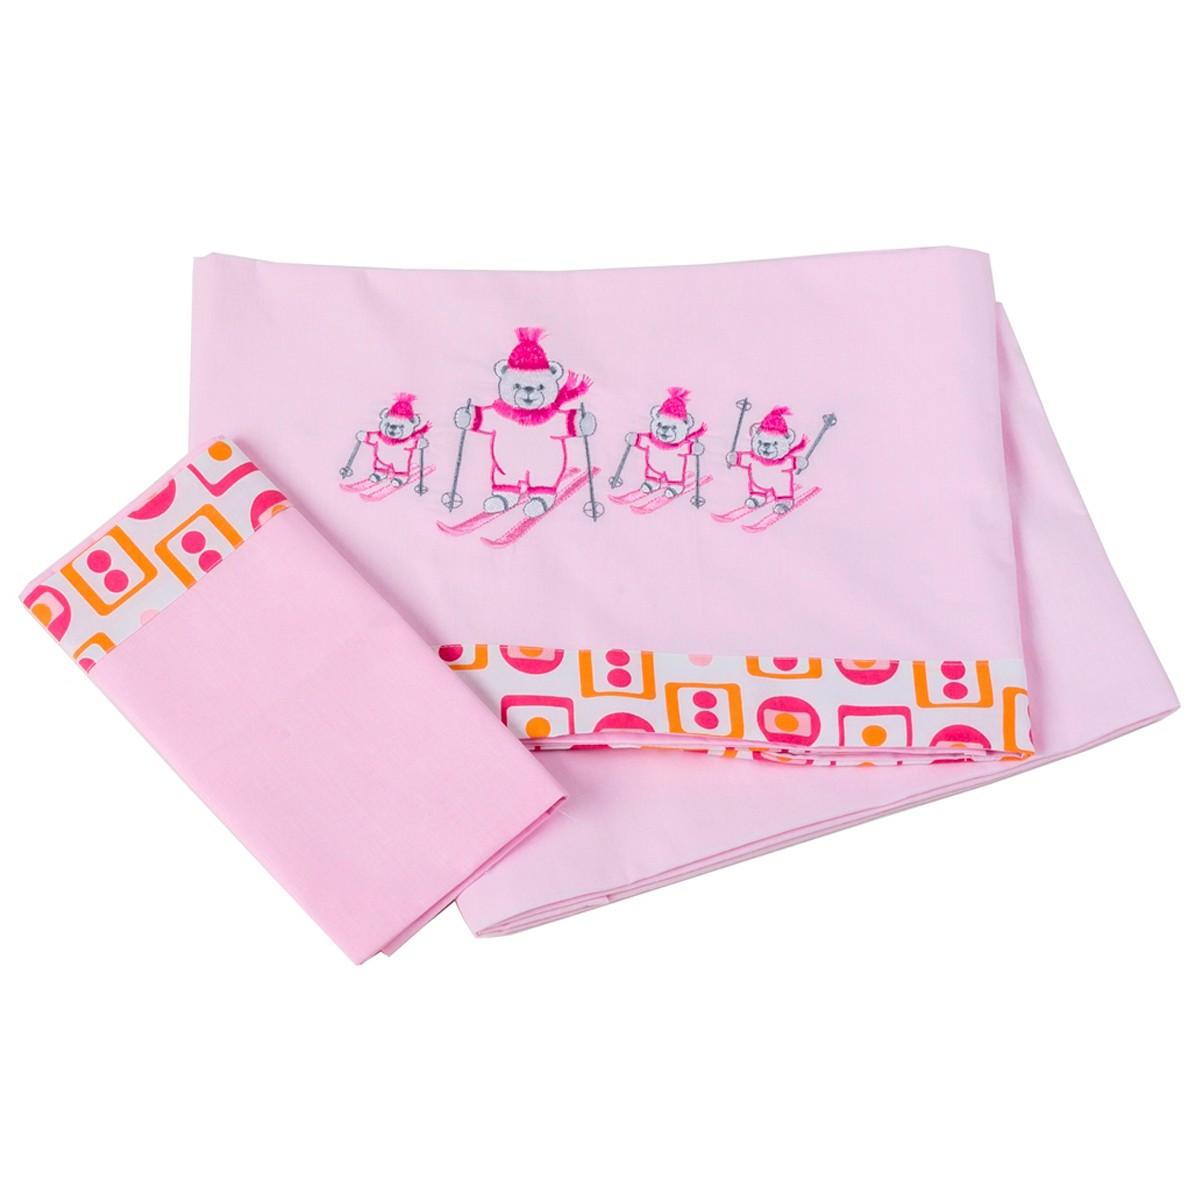 Φανελένια Σεντόνια Κούνιας (Σετ) Κόσμος Του Μωρού Ski 0299 Ροζ